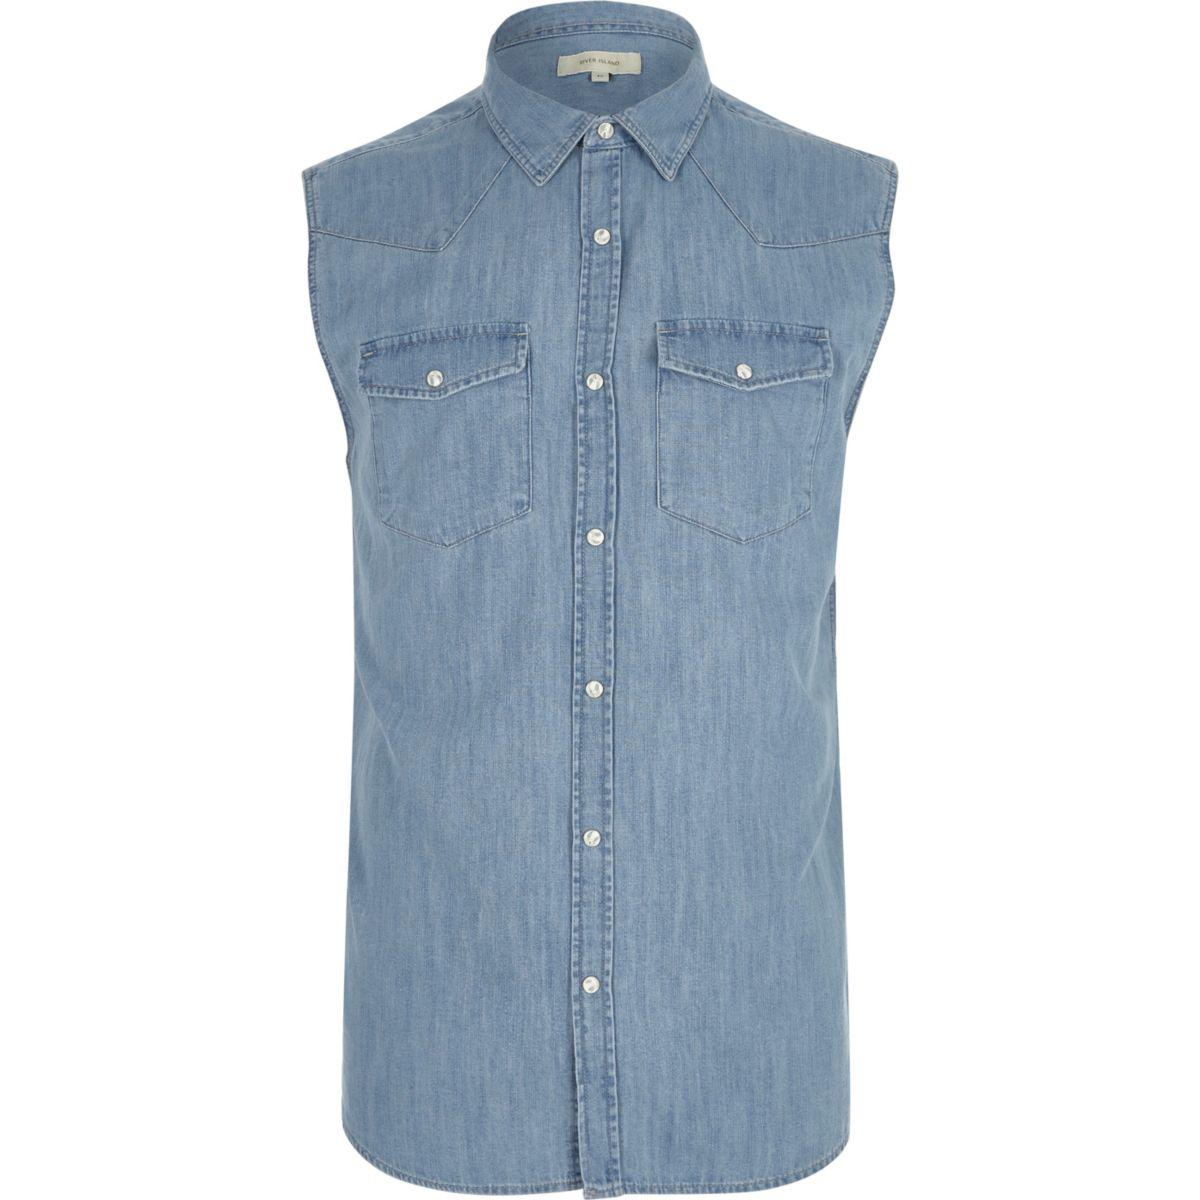 Chemise en jean bleu sans manches style western